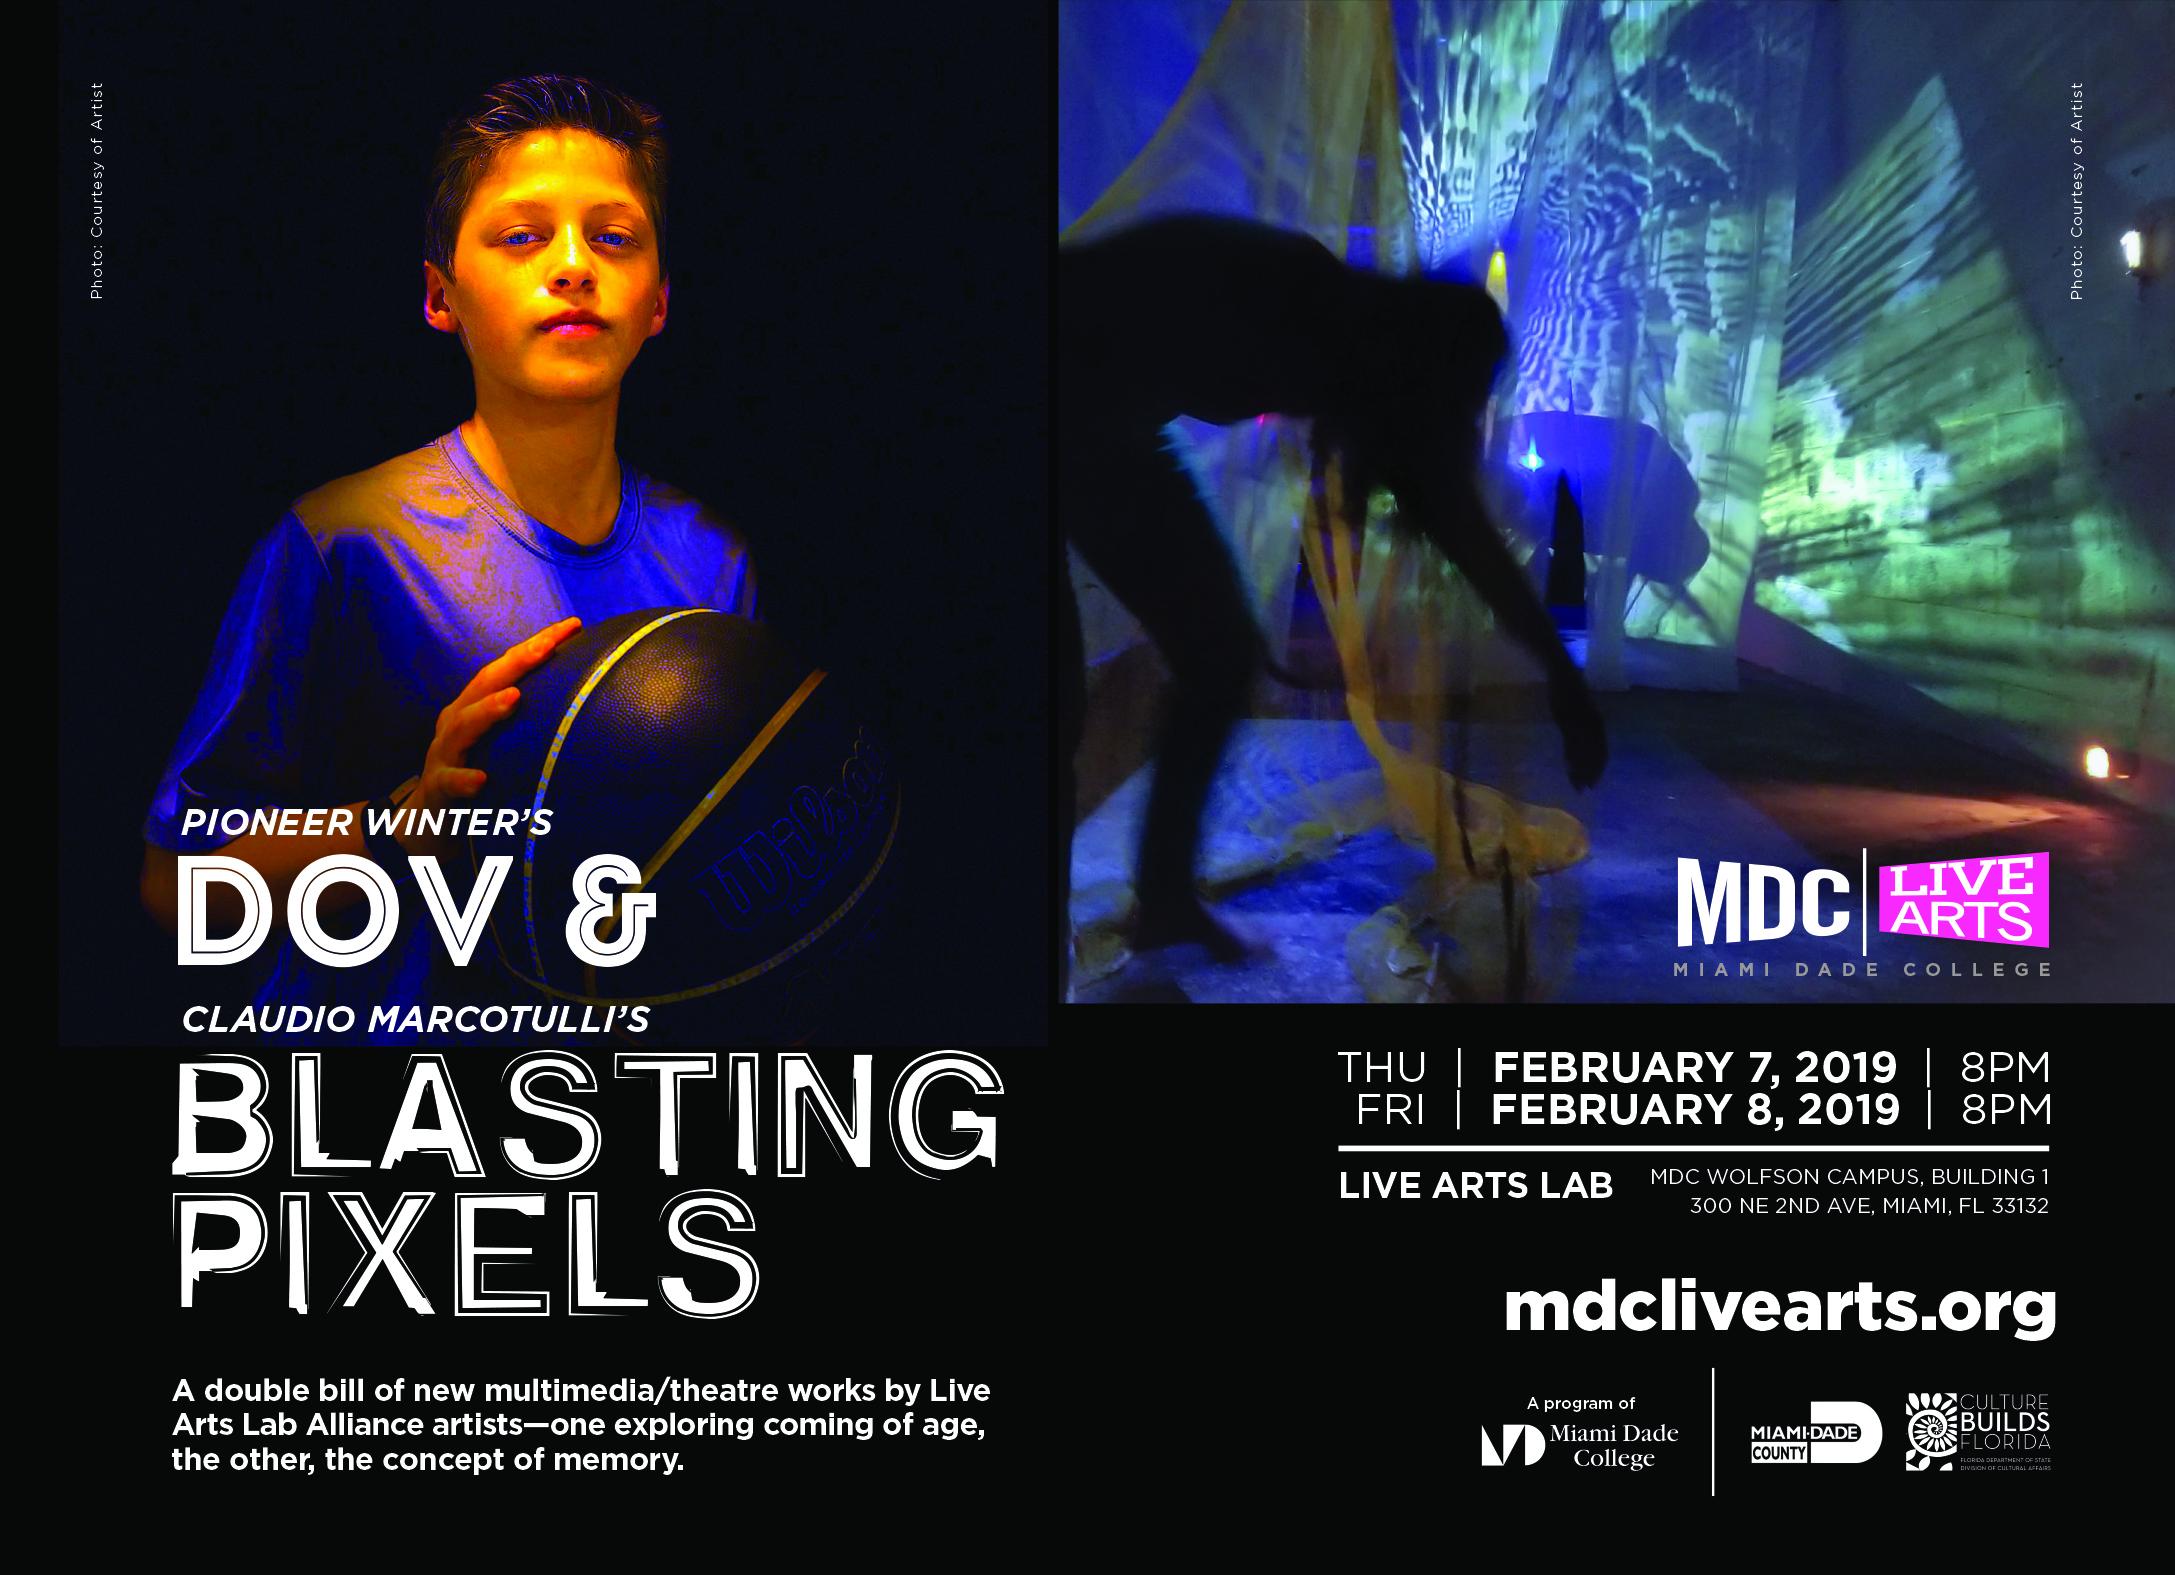 mdcla_PC_7X5_DOV-BLASTINGPIXELS[5]-1.jpg